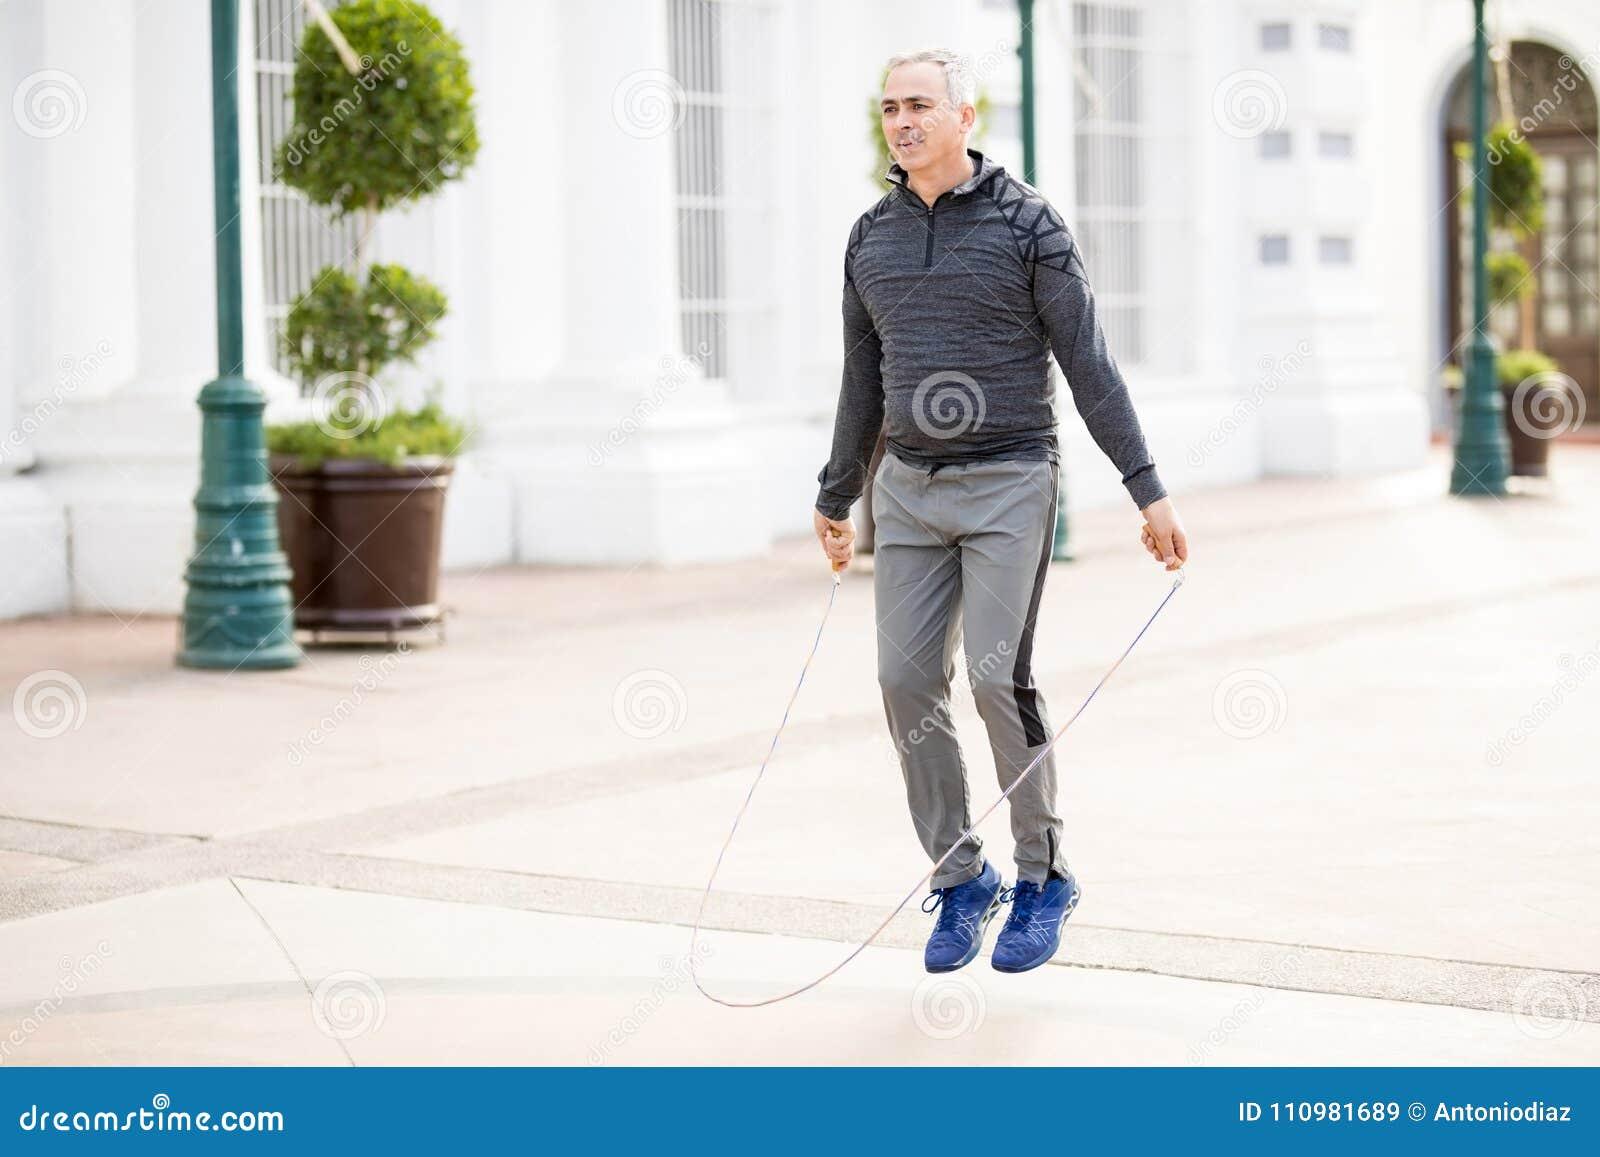 Reifer Mann, der ein Seil springt und draußen trainiert